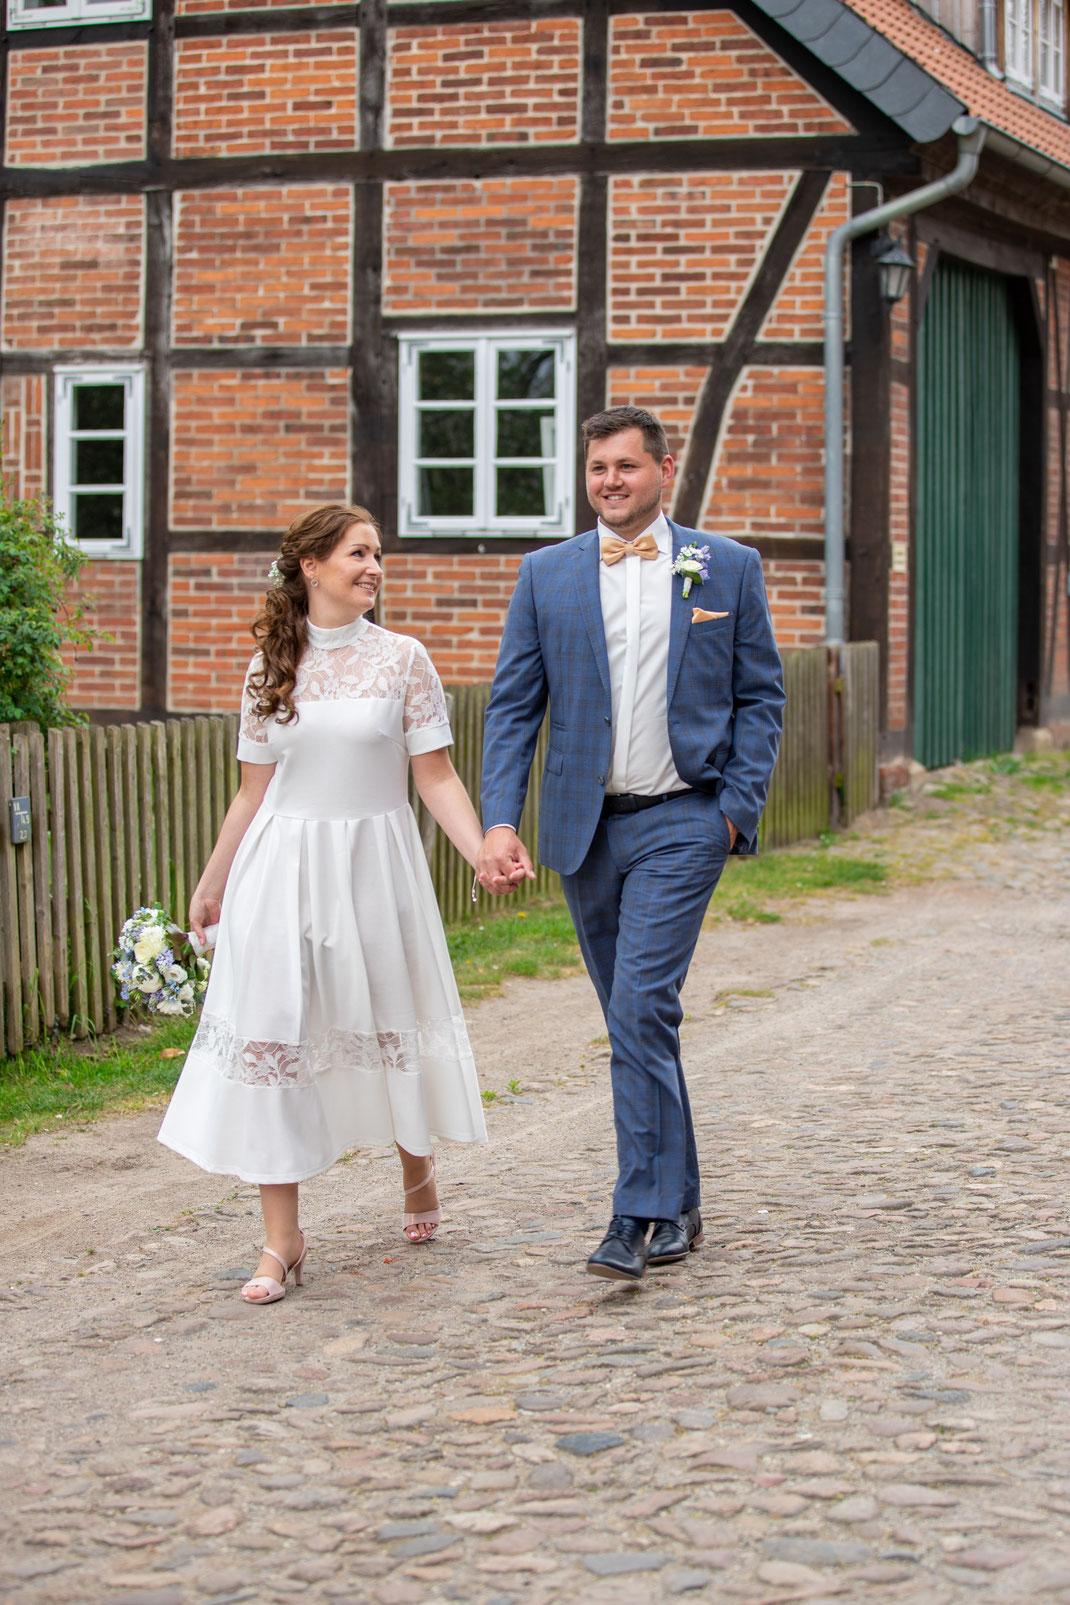 Das Brautpaar beim spazieren